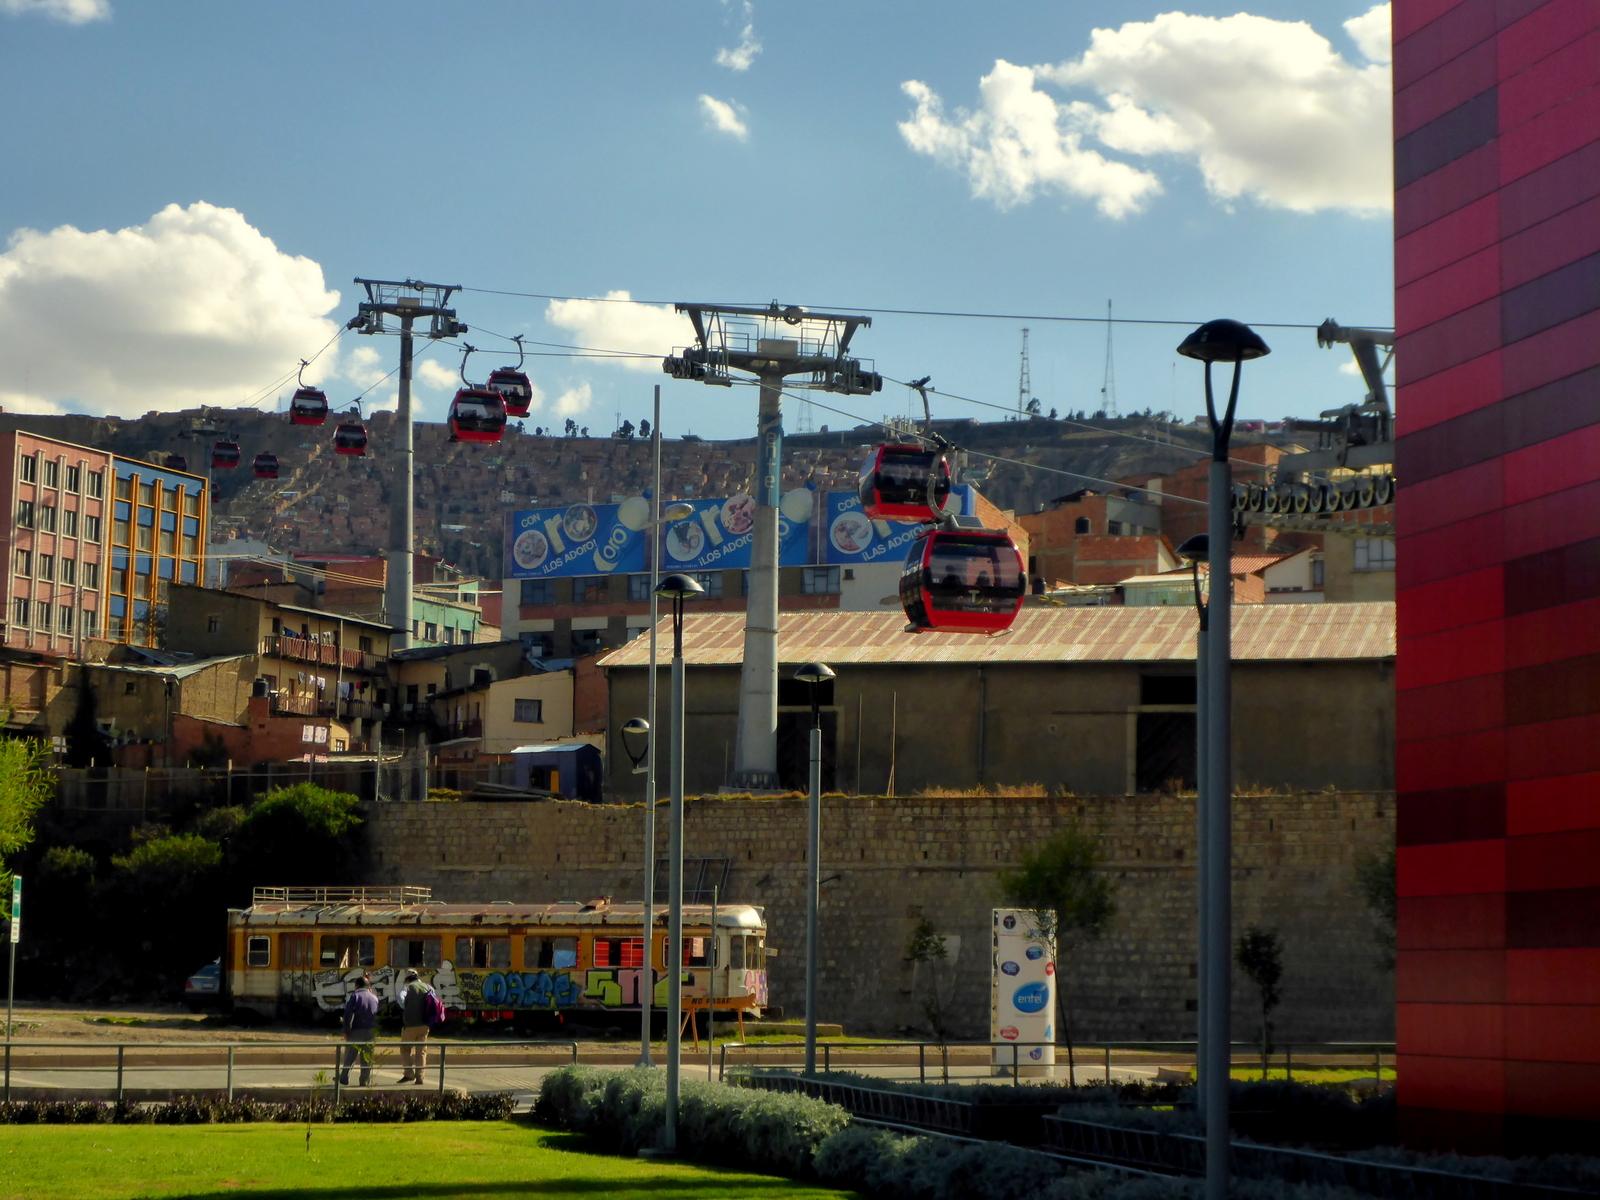 Teléferico in La Paz, erbaut von Doppelmayr